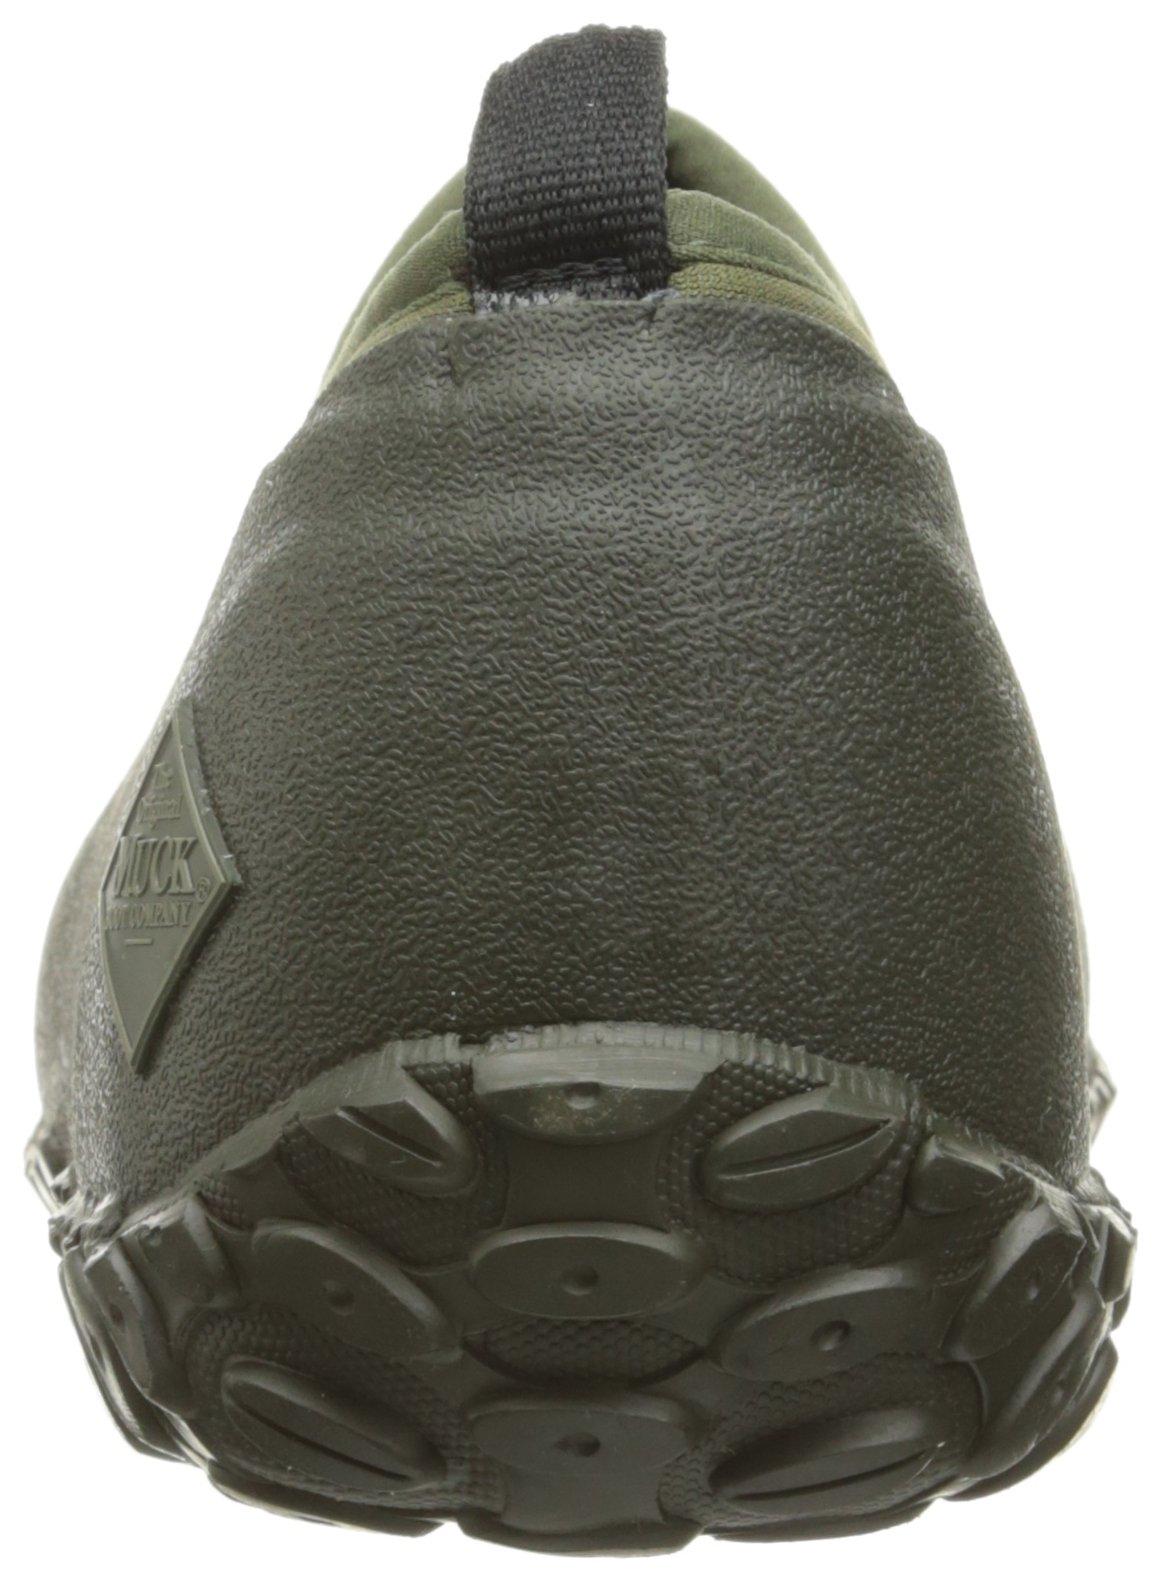 Muckster ll Men's Rubber Garden Shoes,Moss/Green,7 US/7-7.5 M US by Muck Boot (Image #2)